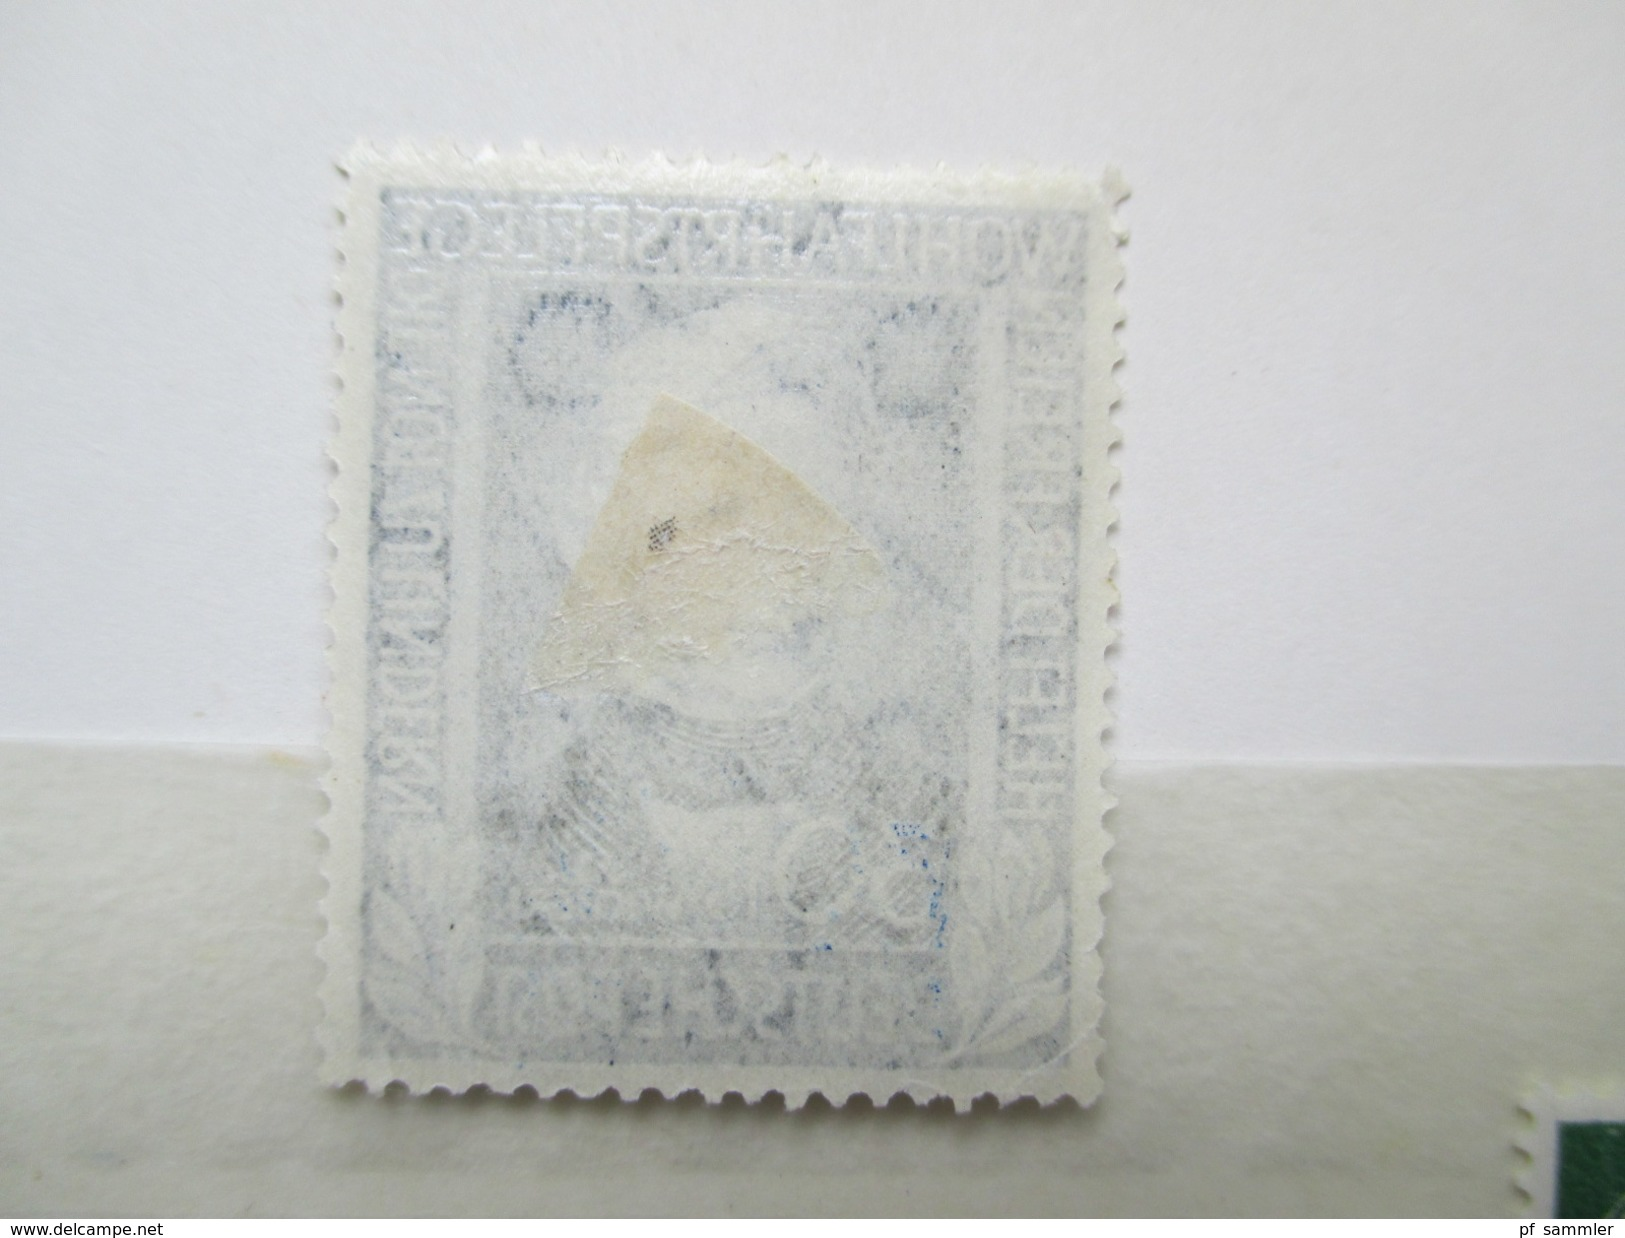 Bund Ab Posthorn Ungebraucht / Falz 1950er / 60er Jahre. Sammlung! Viele Marken Alle *. Fundgrube?! Etwas Andere Gebiete - Timbres